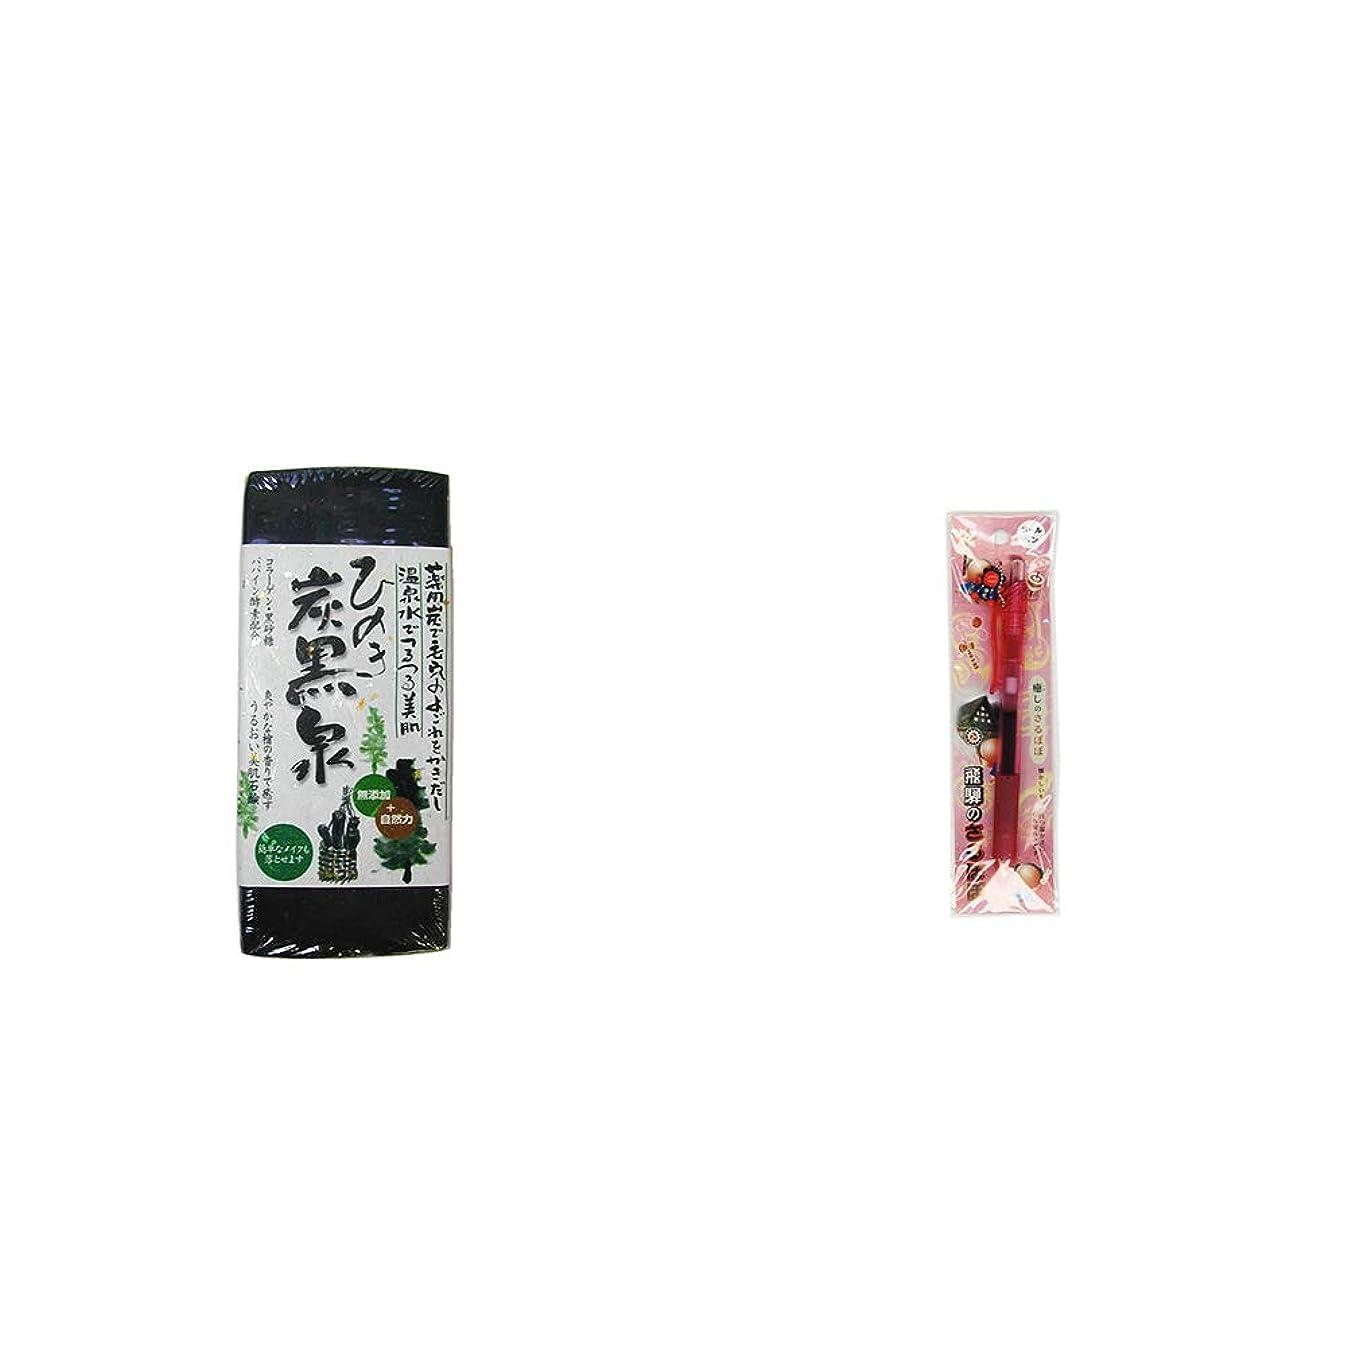 空いているレバーおじいちゃん[2点セット] ひのき炭黒泉(75g×2)?さるぼぼ 癒しボールペン 【ピンク】